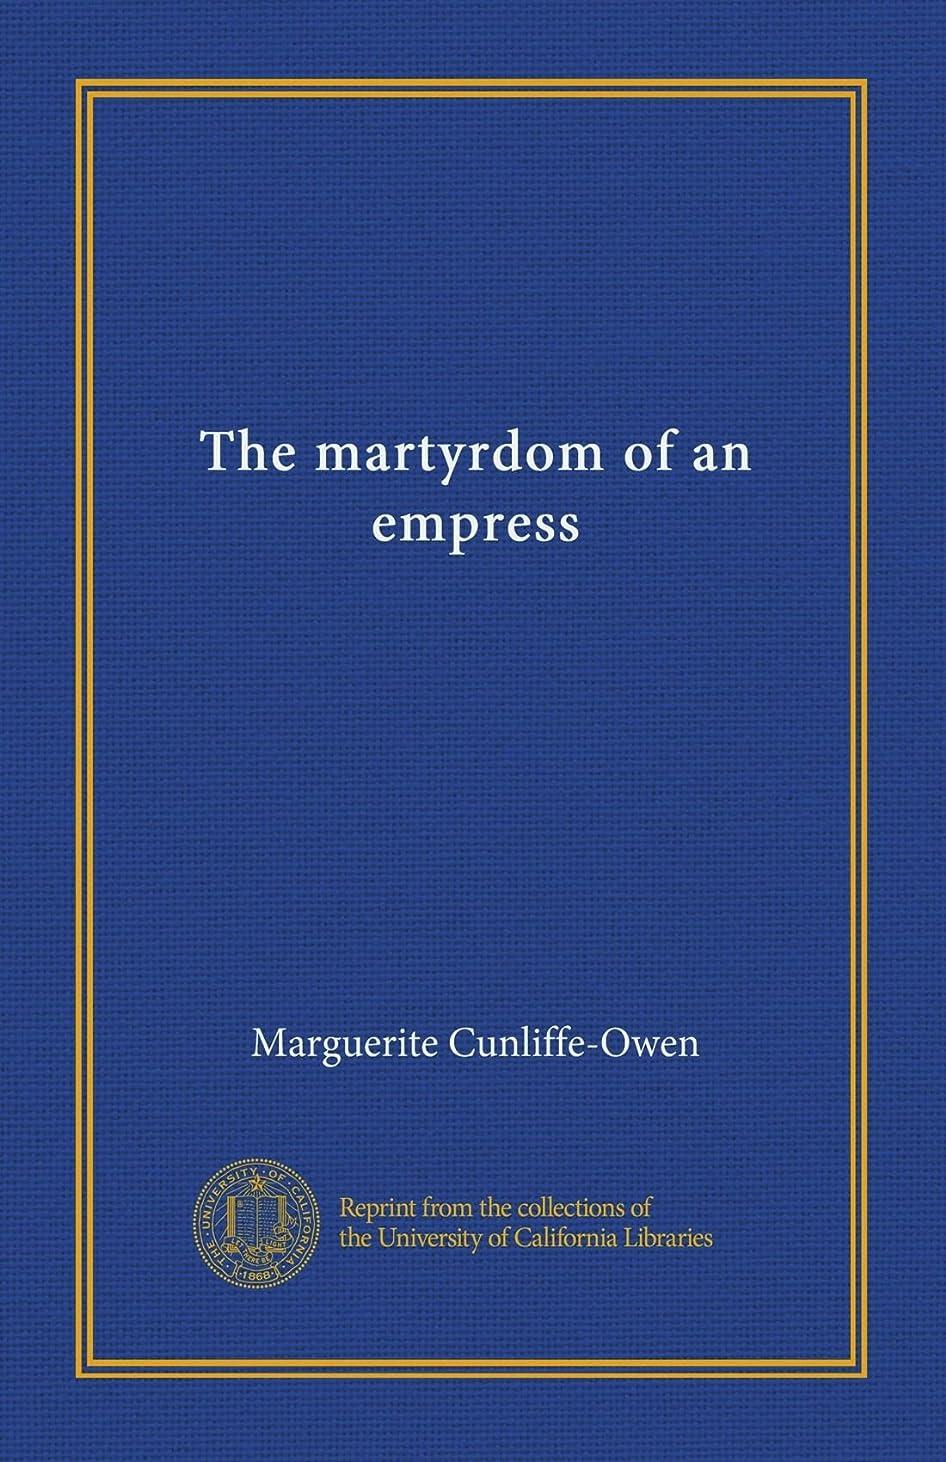 疑い者城退院The martyrdom of an empress